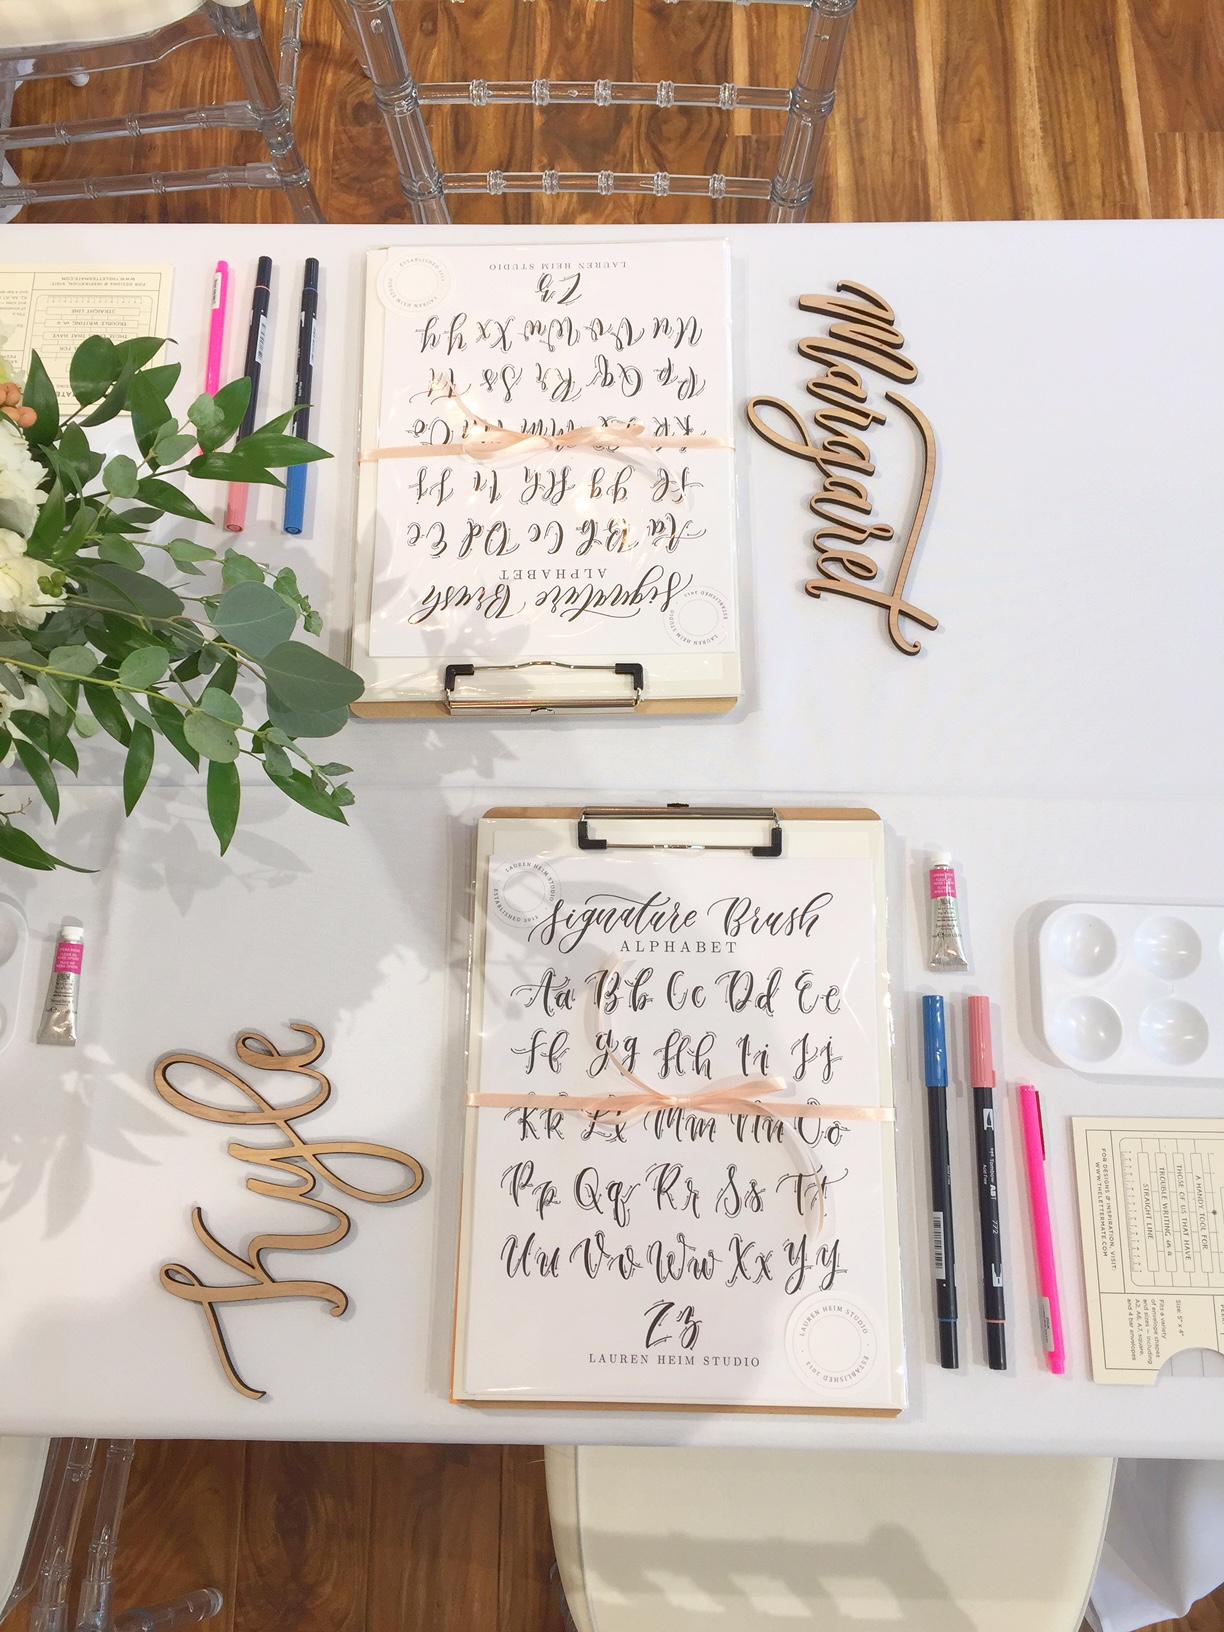 Brush Lettering 101 Holiday Workshop | West Elm 12/3